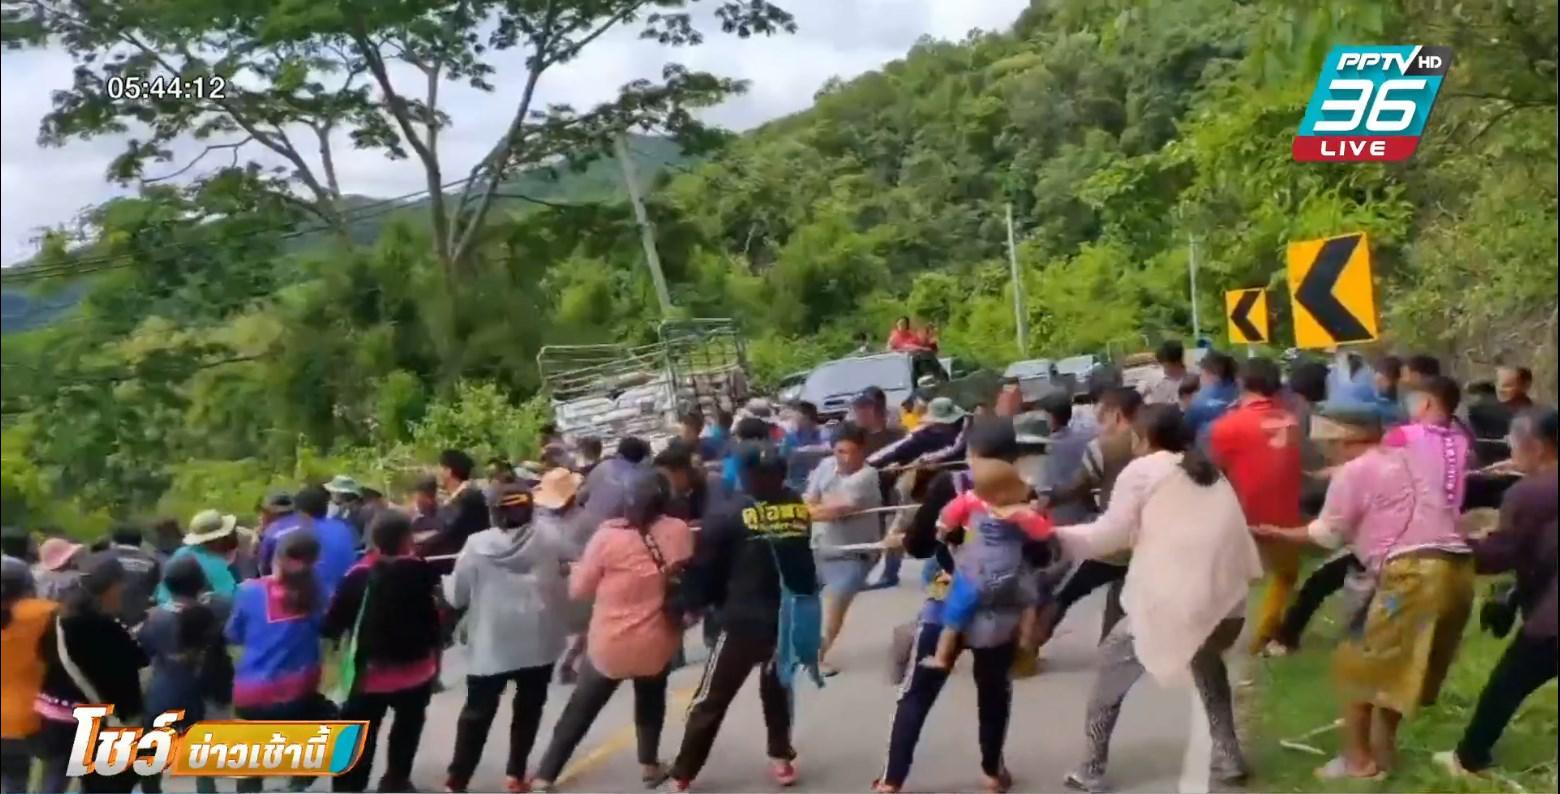 ชาวม้ง นับ 100 คน ช่วยดึงรถตกเหว ช่วยคนเจ็บ